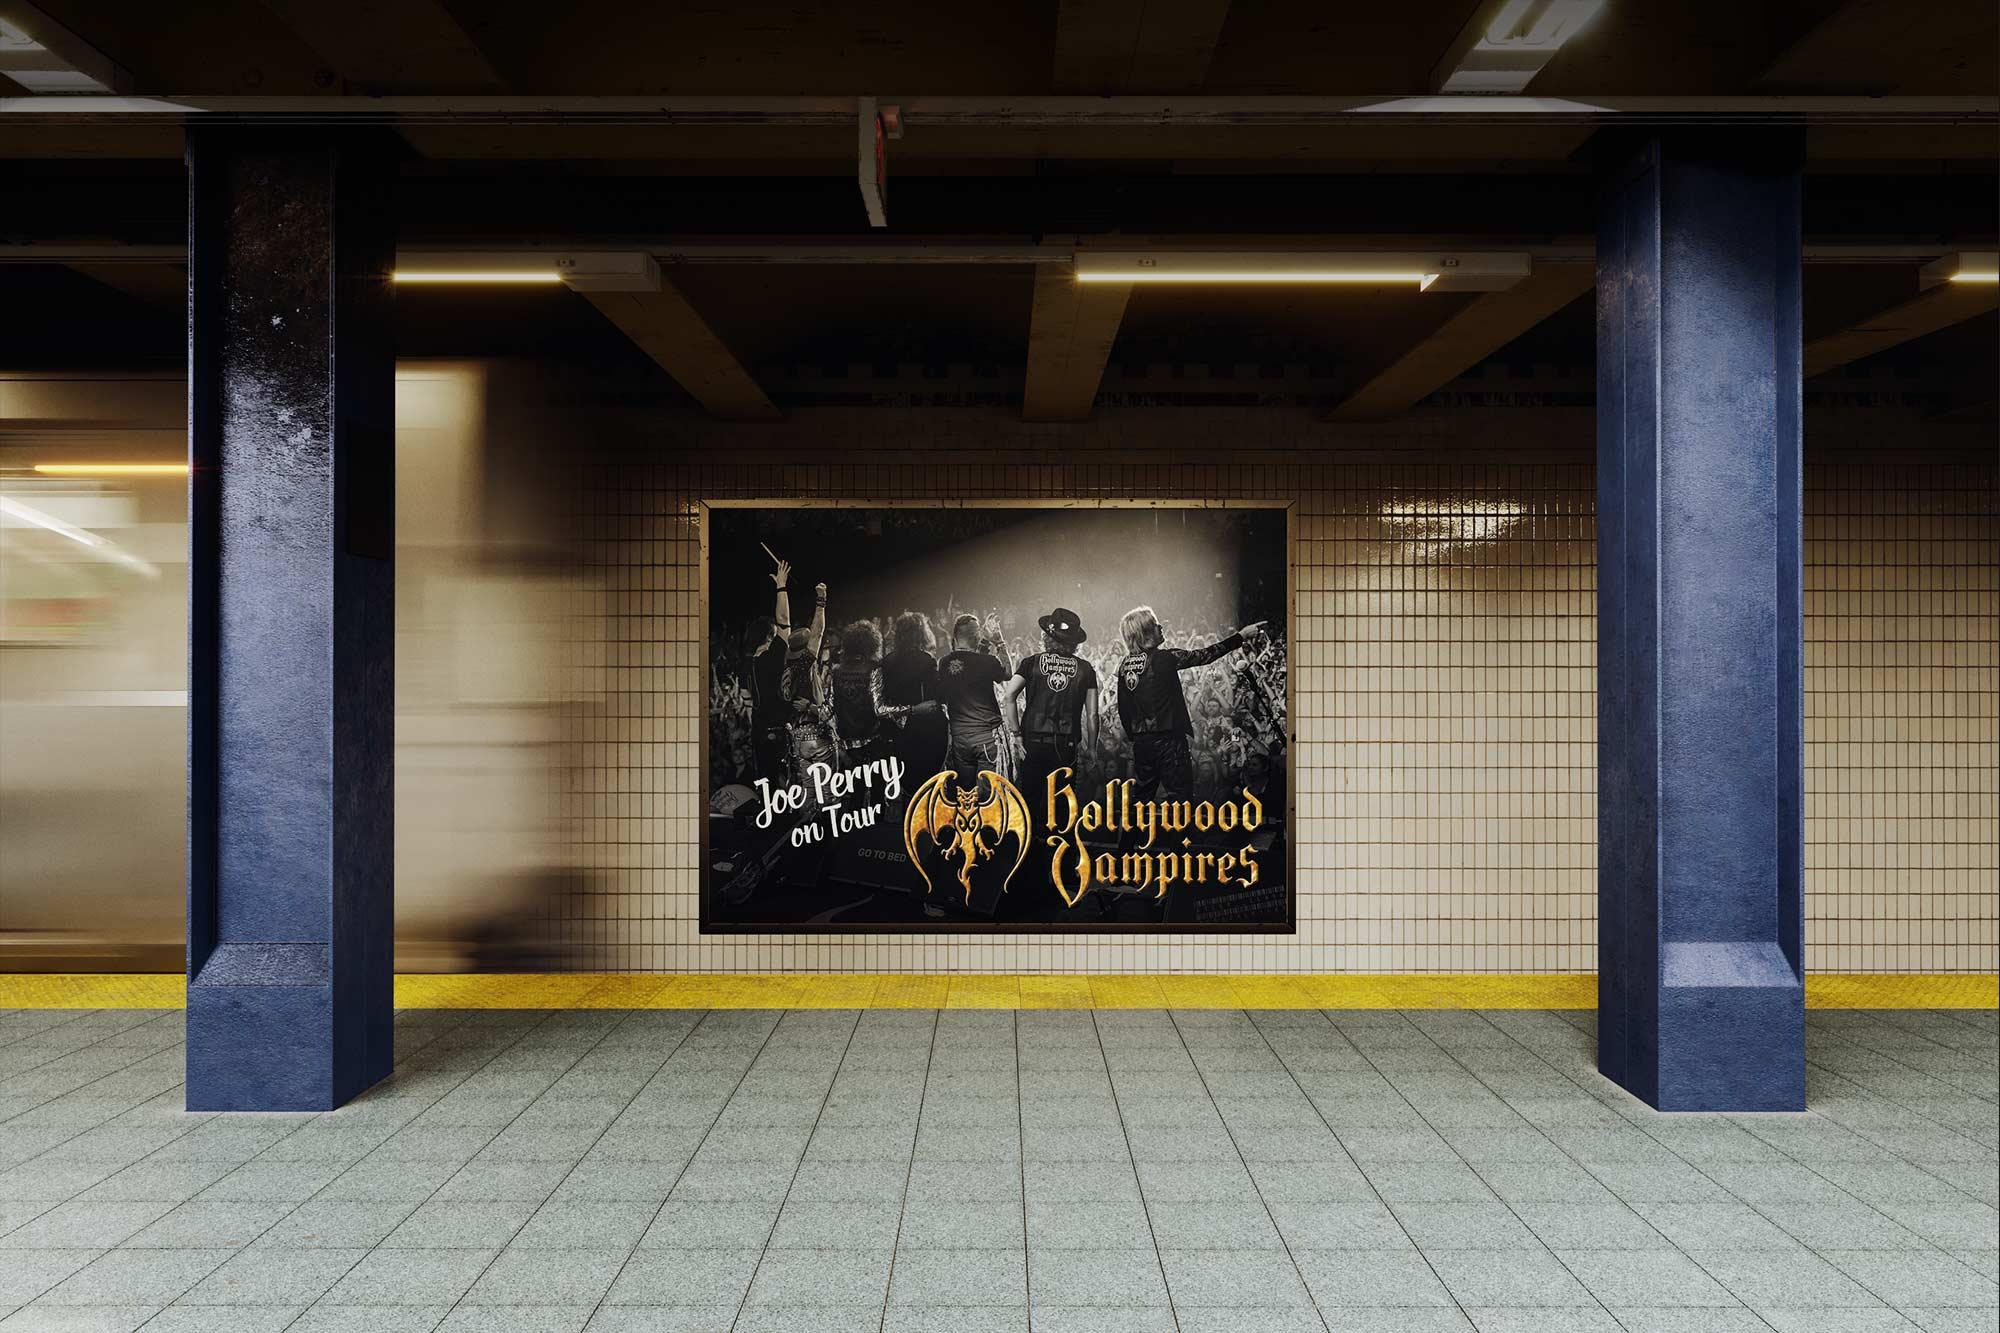 Joe Perry Subway Poster